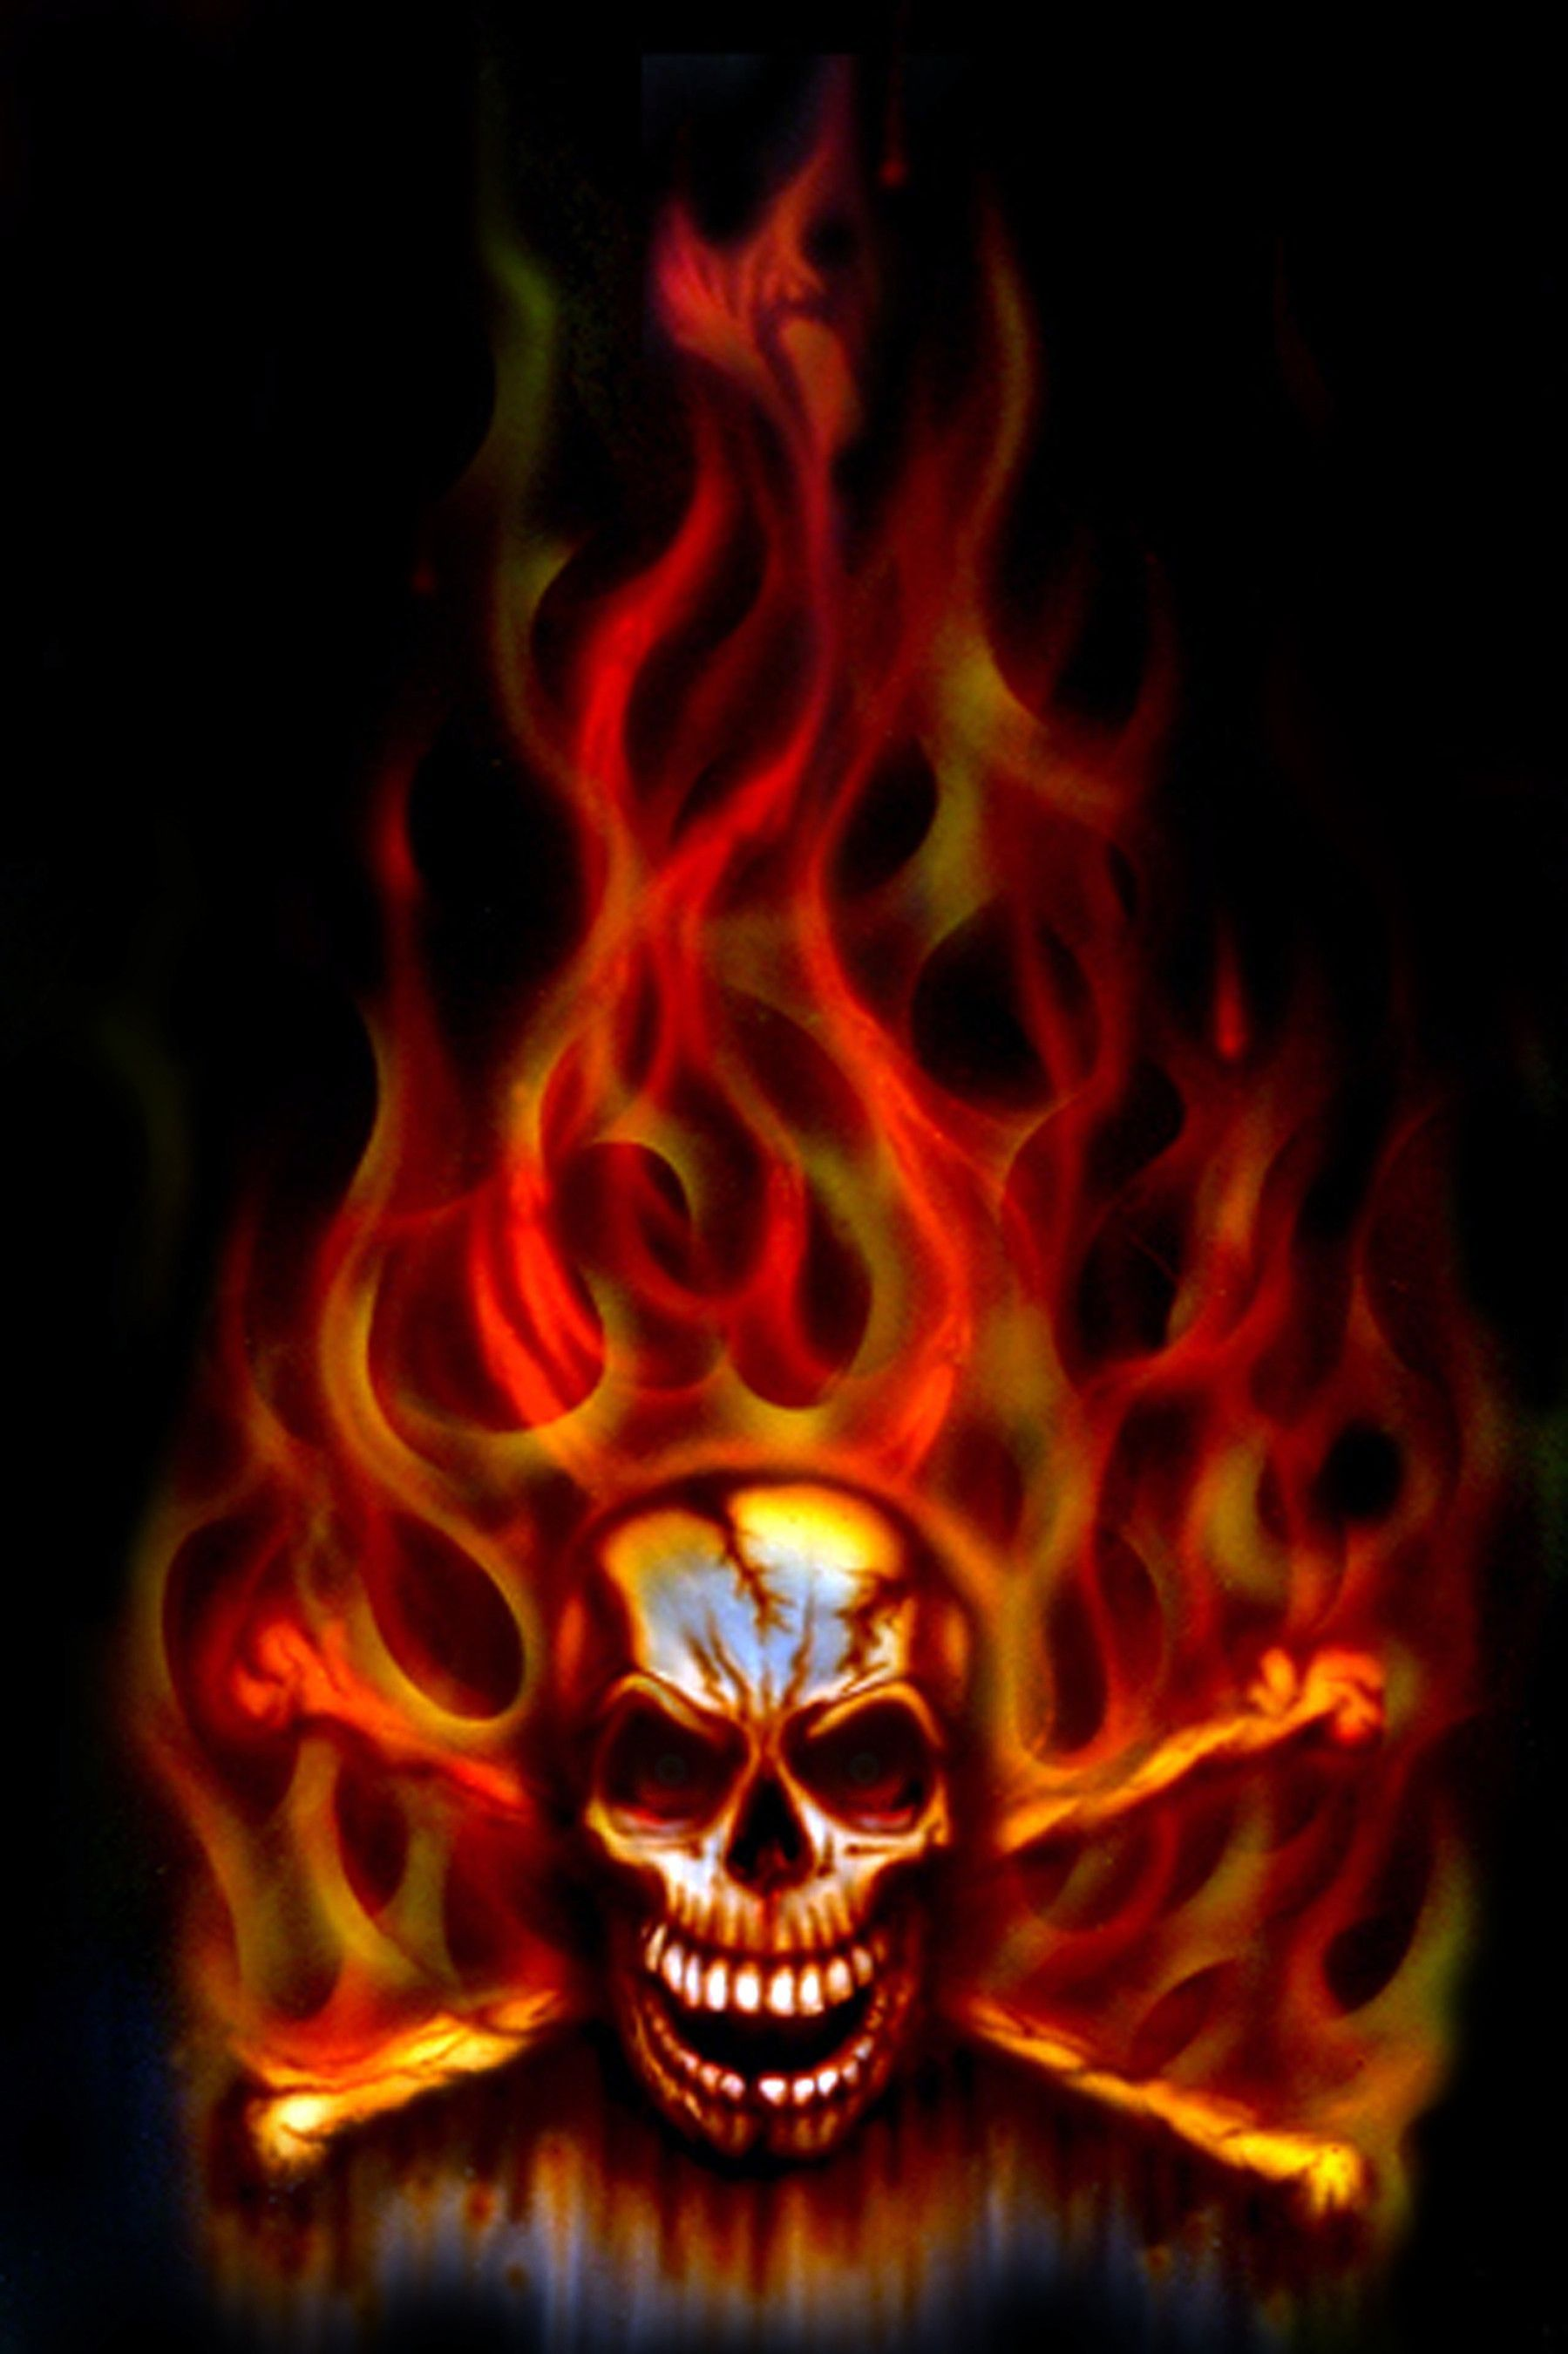 огненные картинки скелет примеру, они способны